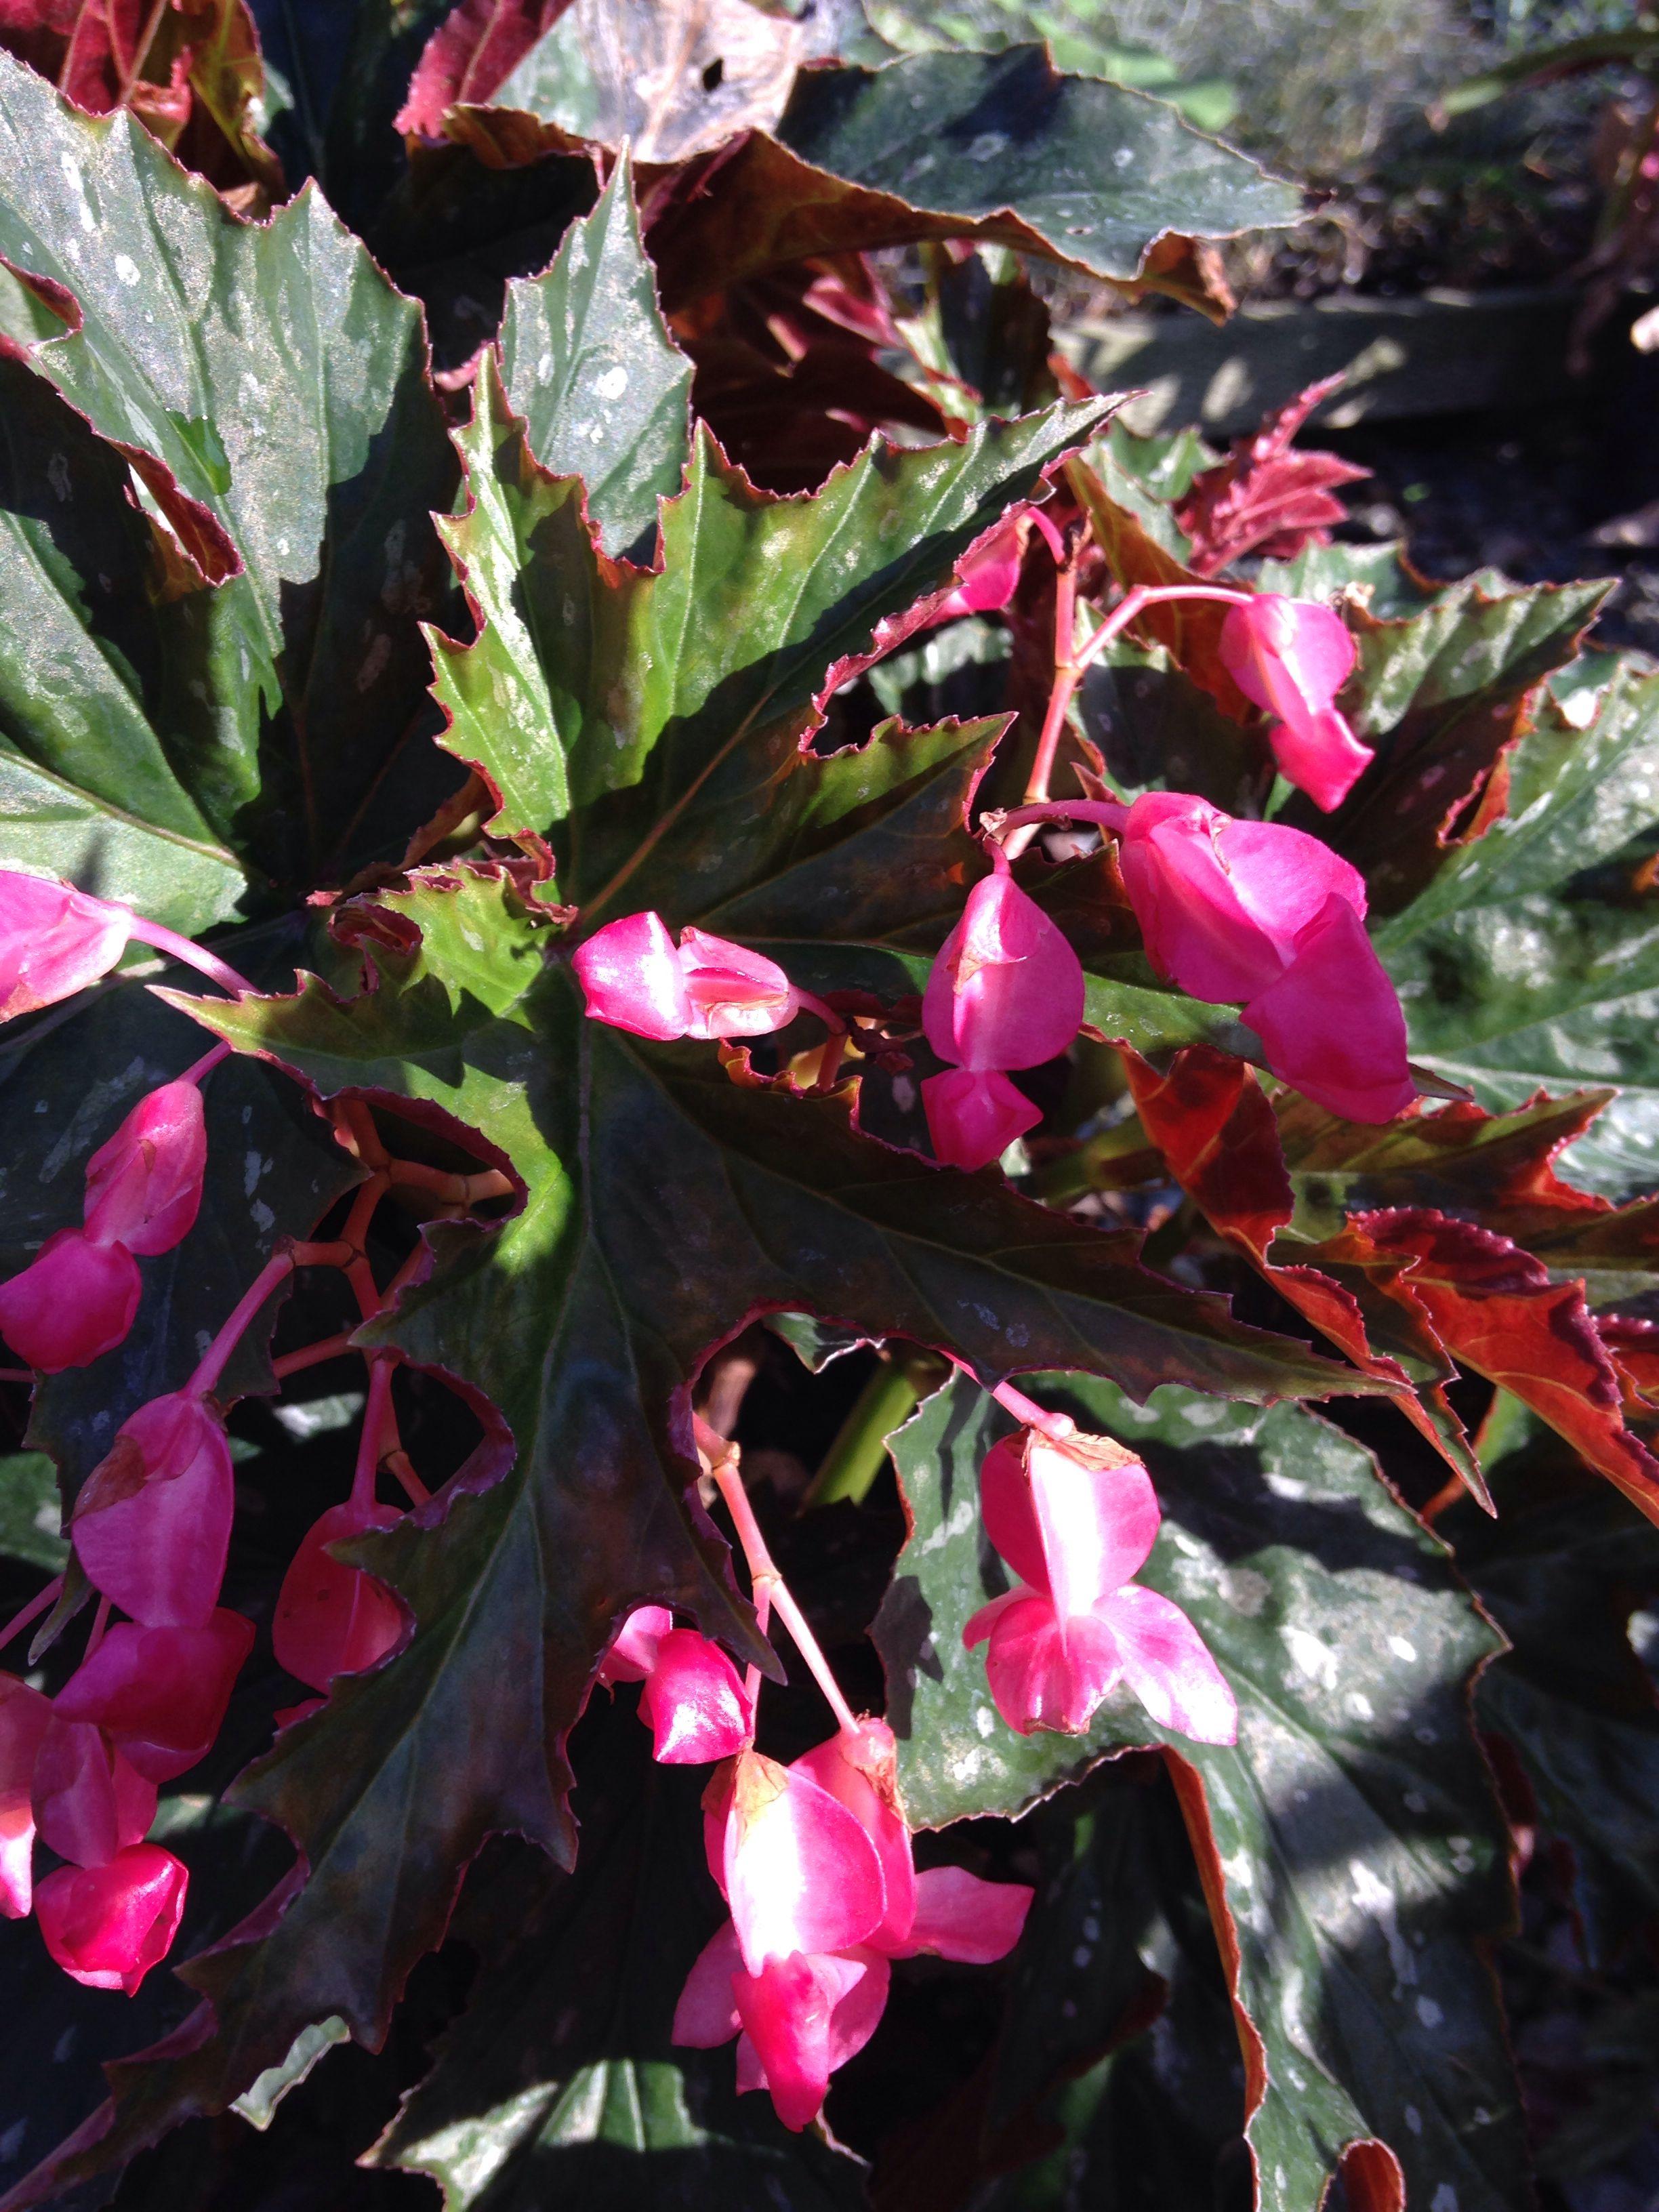 Begonia Sophie Cecile Lt Pink Flowers Filtered Sun Begonia Pink Flowers Flowers